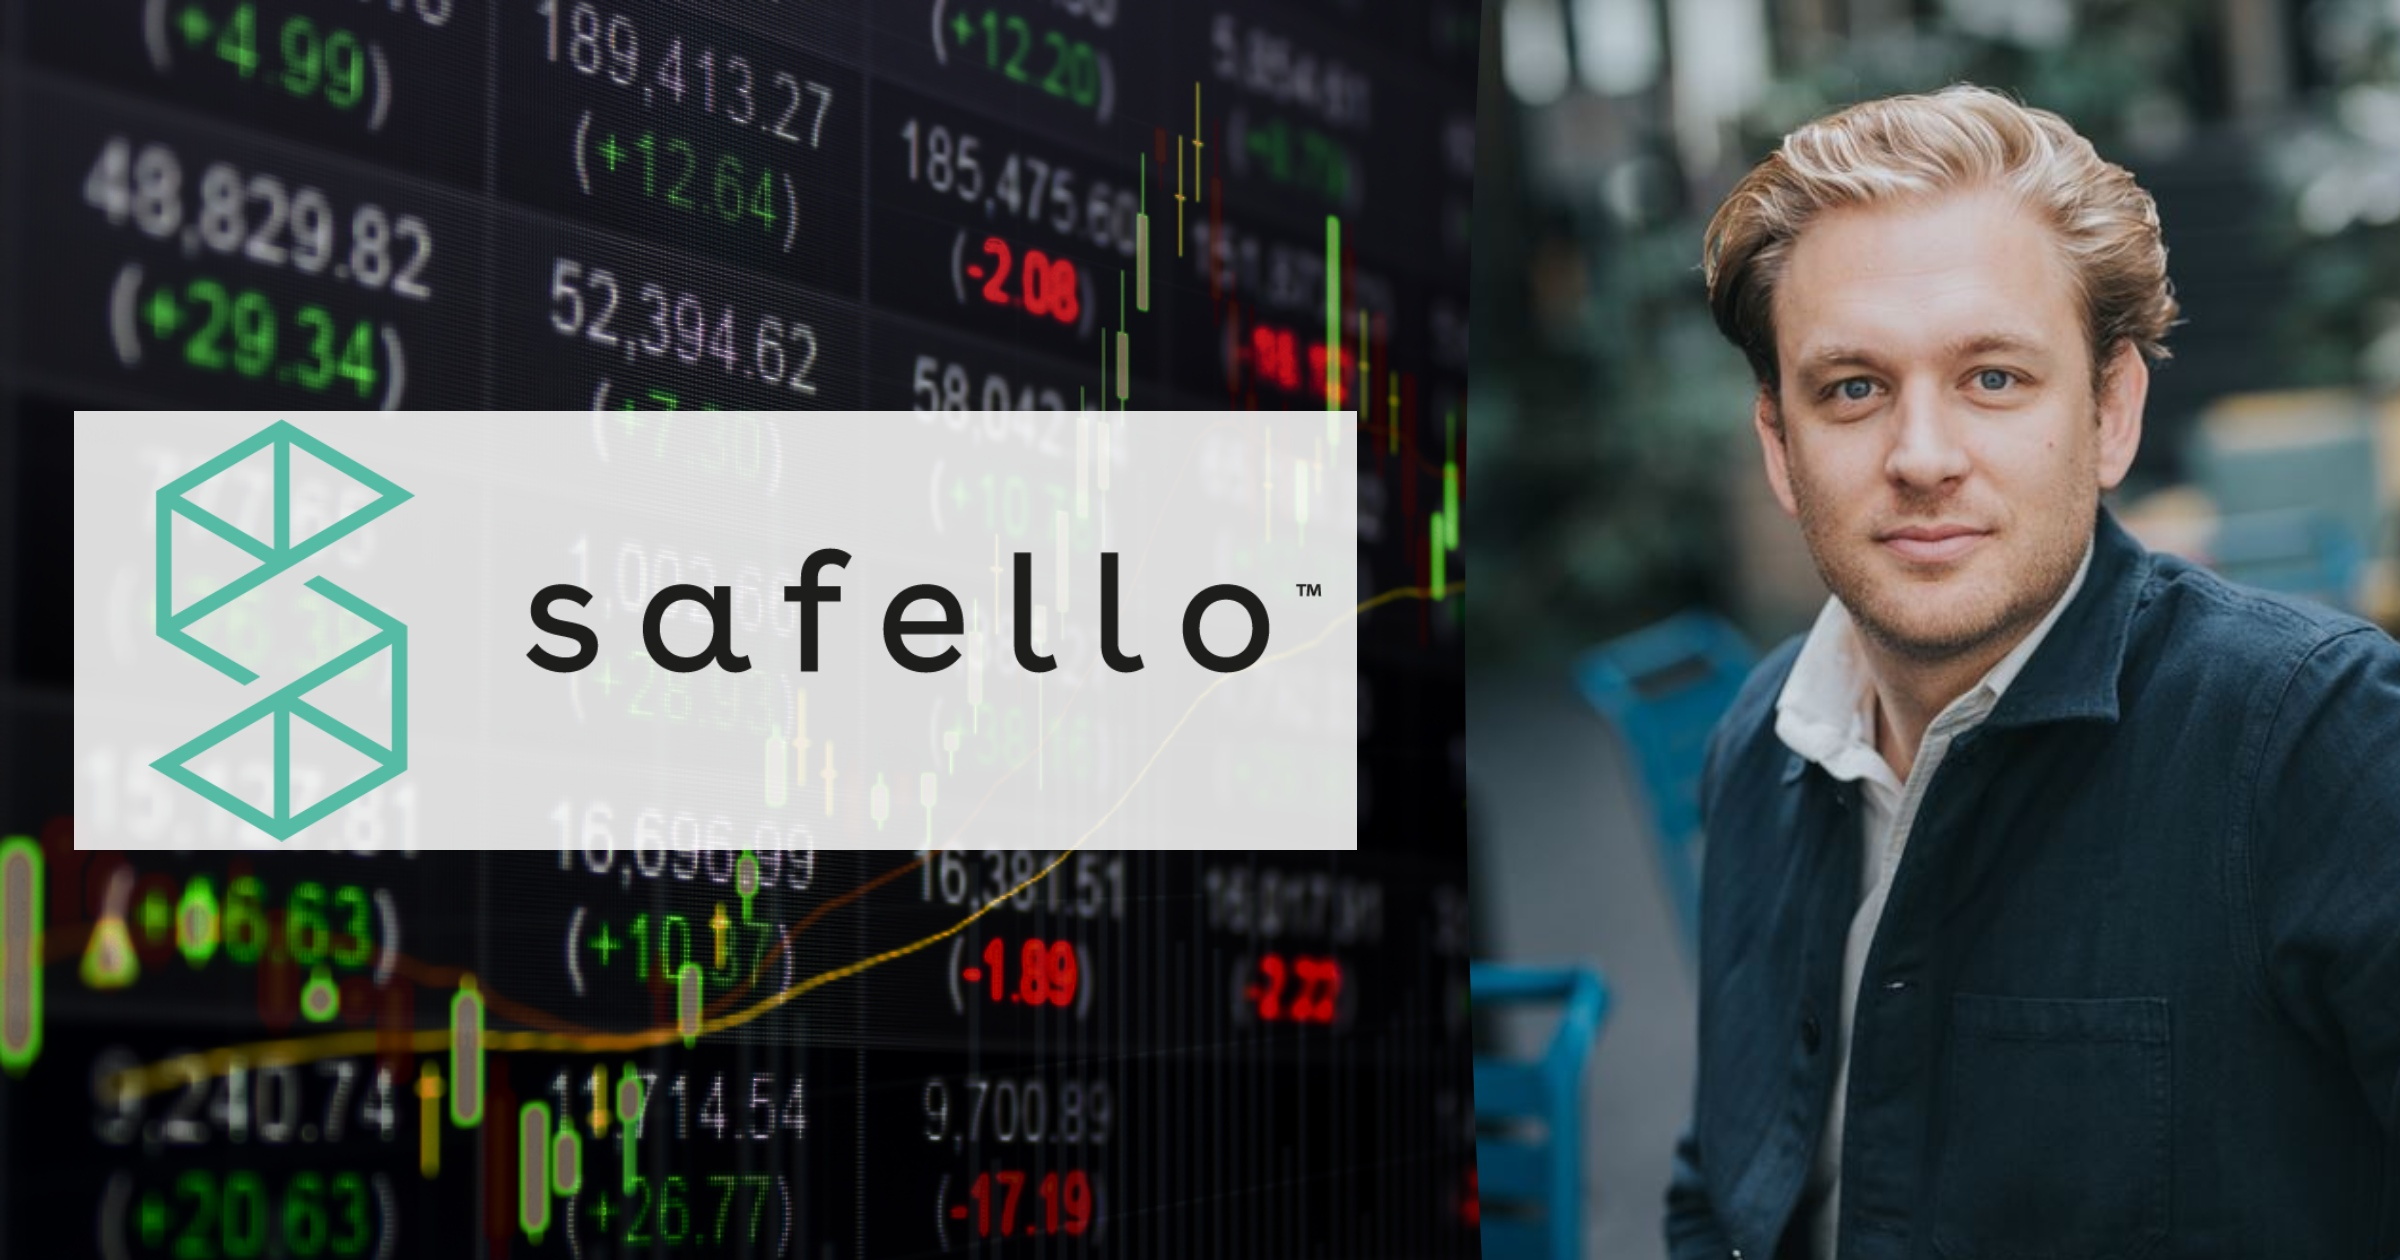 Svenska kryptoväxlaren Safello siktar på börsnotering till våren